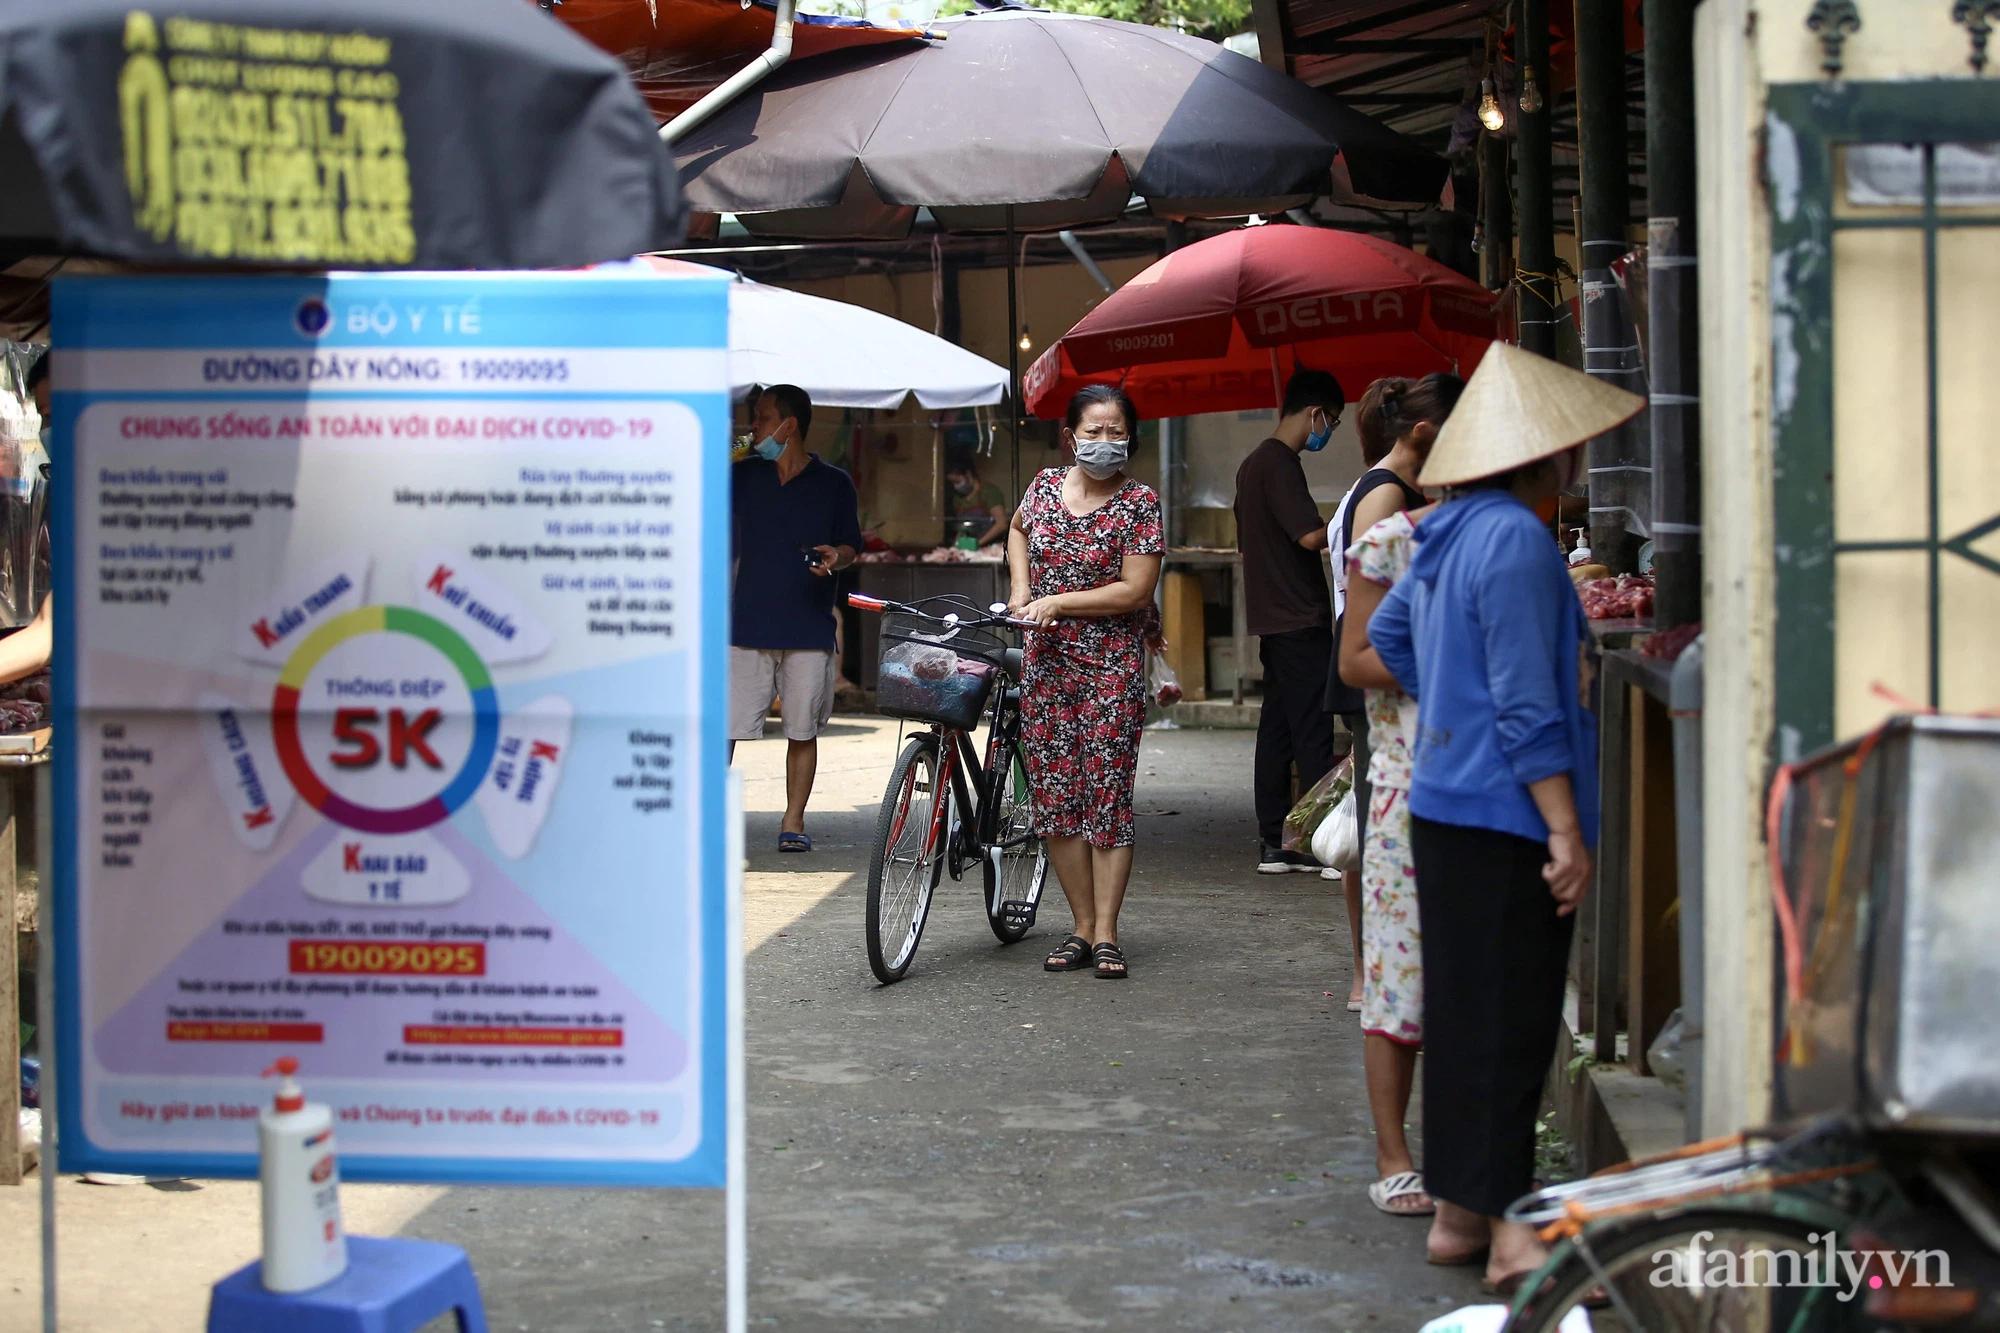 Ấn tượng với khu chợ dân sinh đầu tiên ở Hà Nội quây tấm nilon phòng dịch COVID-19, tiểu thương chia ca đứng bán theo ngày chẵn, lẻ - Ảnh 16.